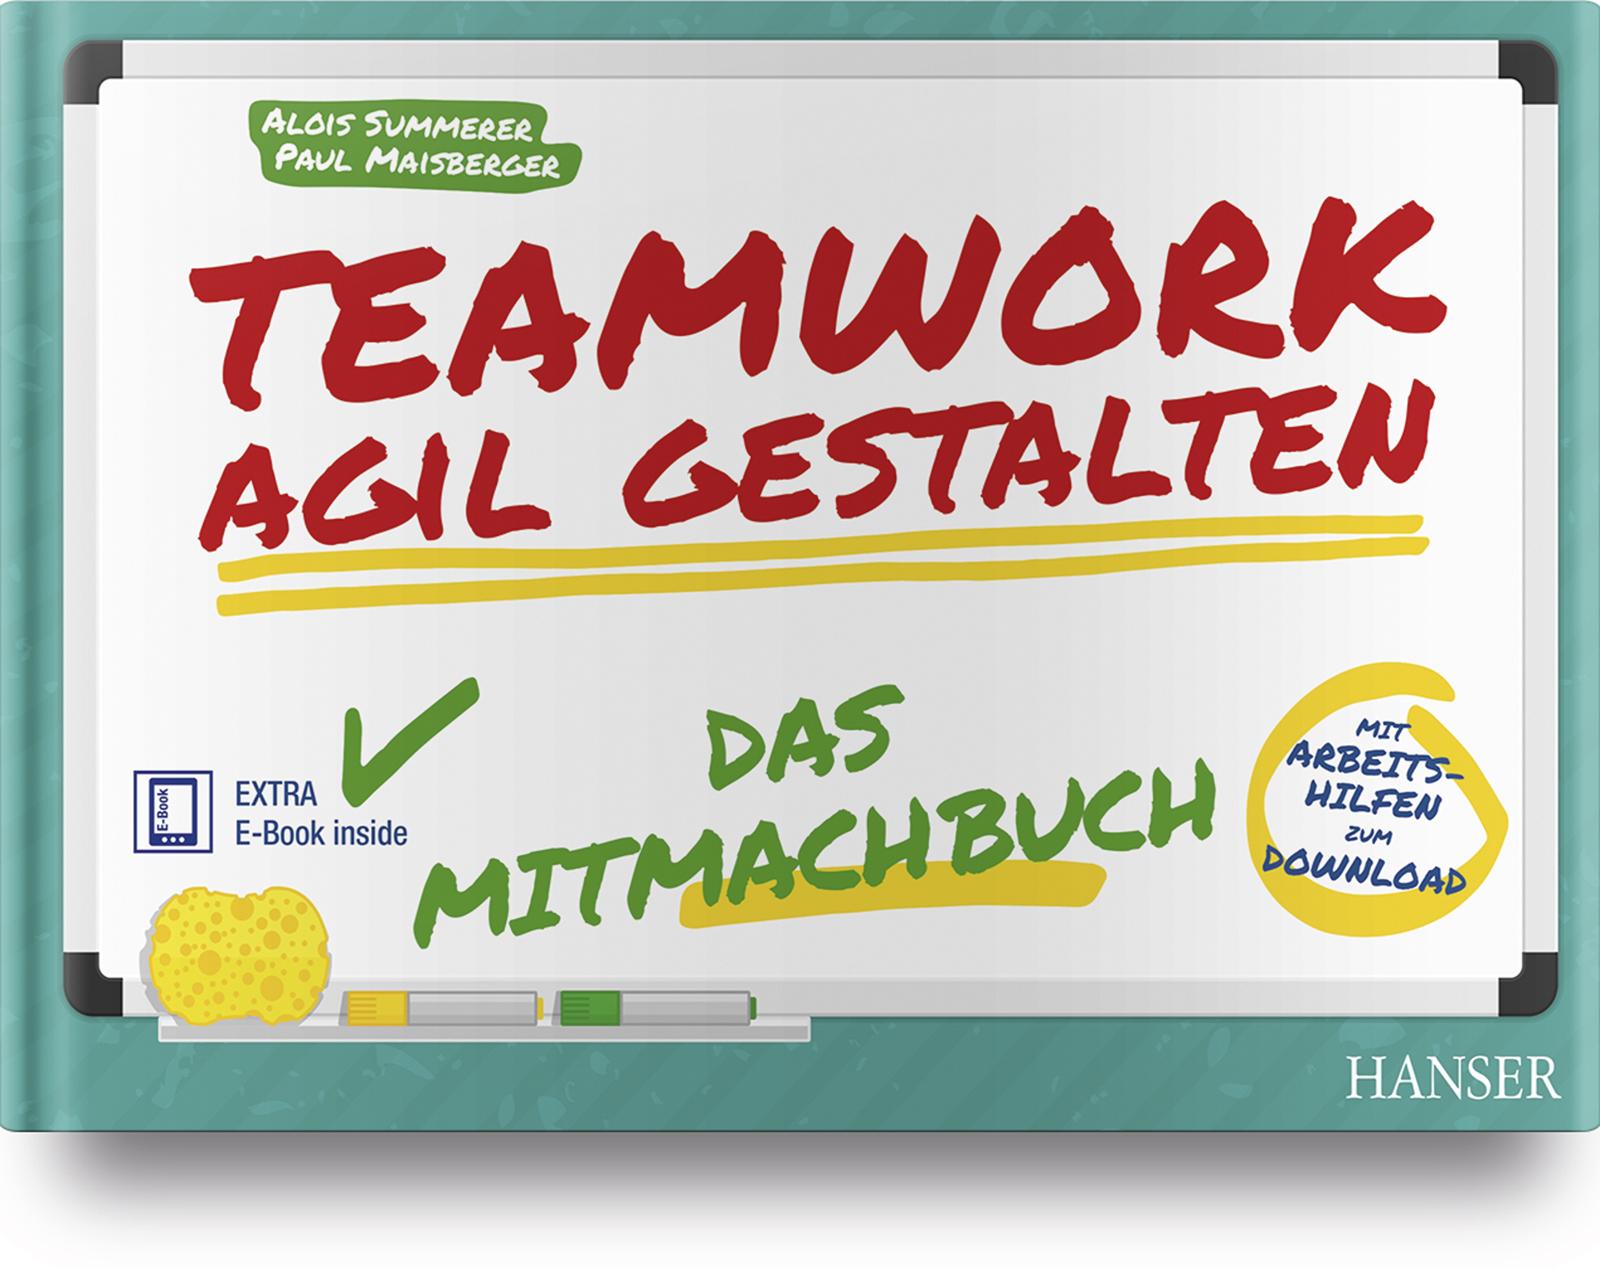 Summerer, Maisberger, Teamwork agil gestalten – Das Mitmachbuch, 978-3-446-45133-9